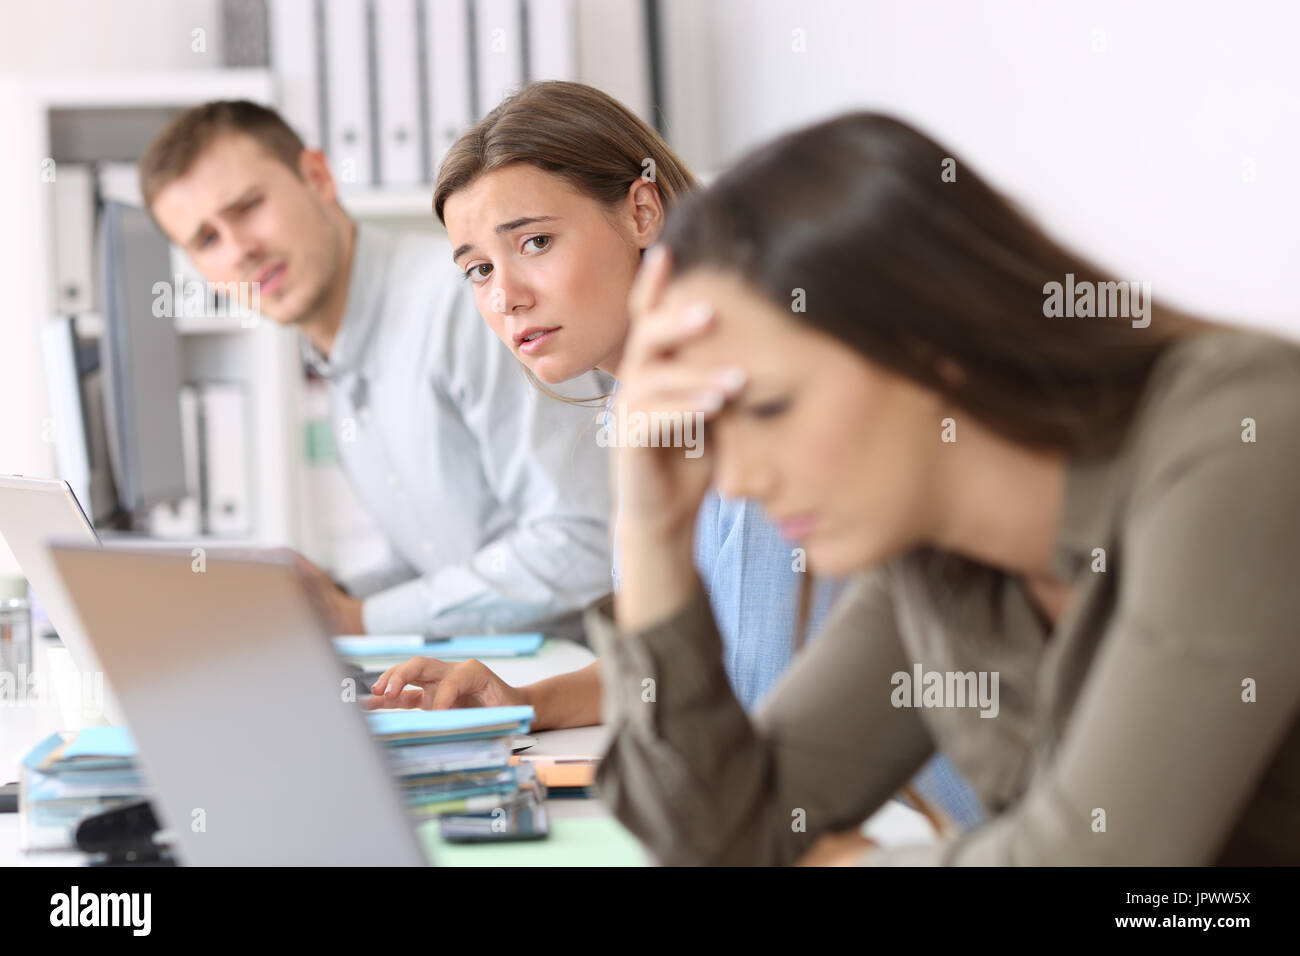 Los trabajadores tristes mirando a un colega que está frustrado leer malas noticias en línea en Office Imagen De Stock